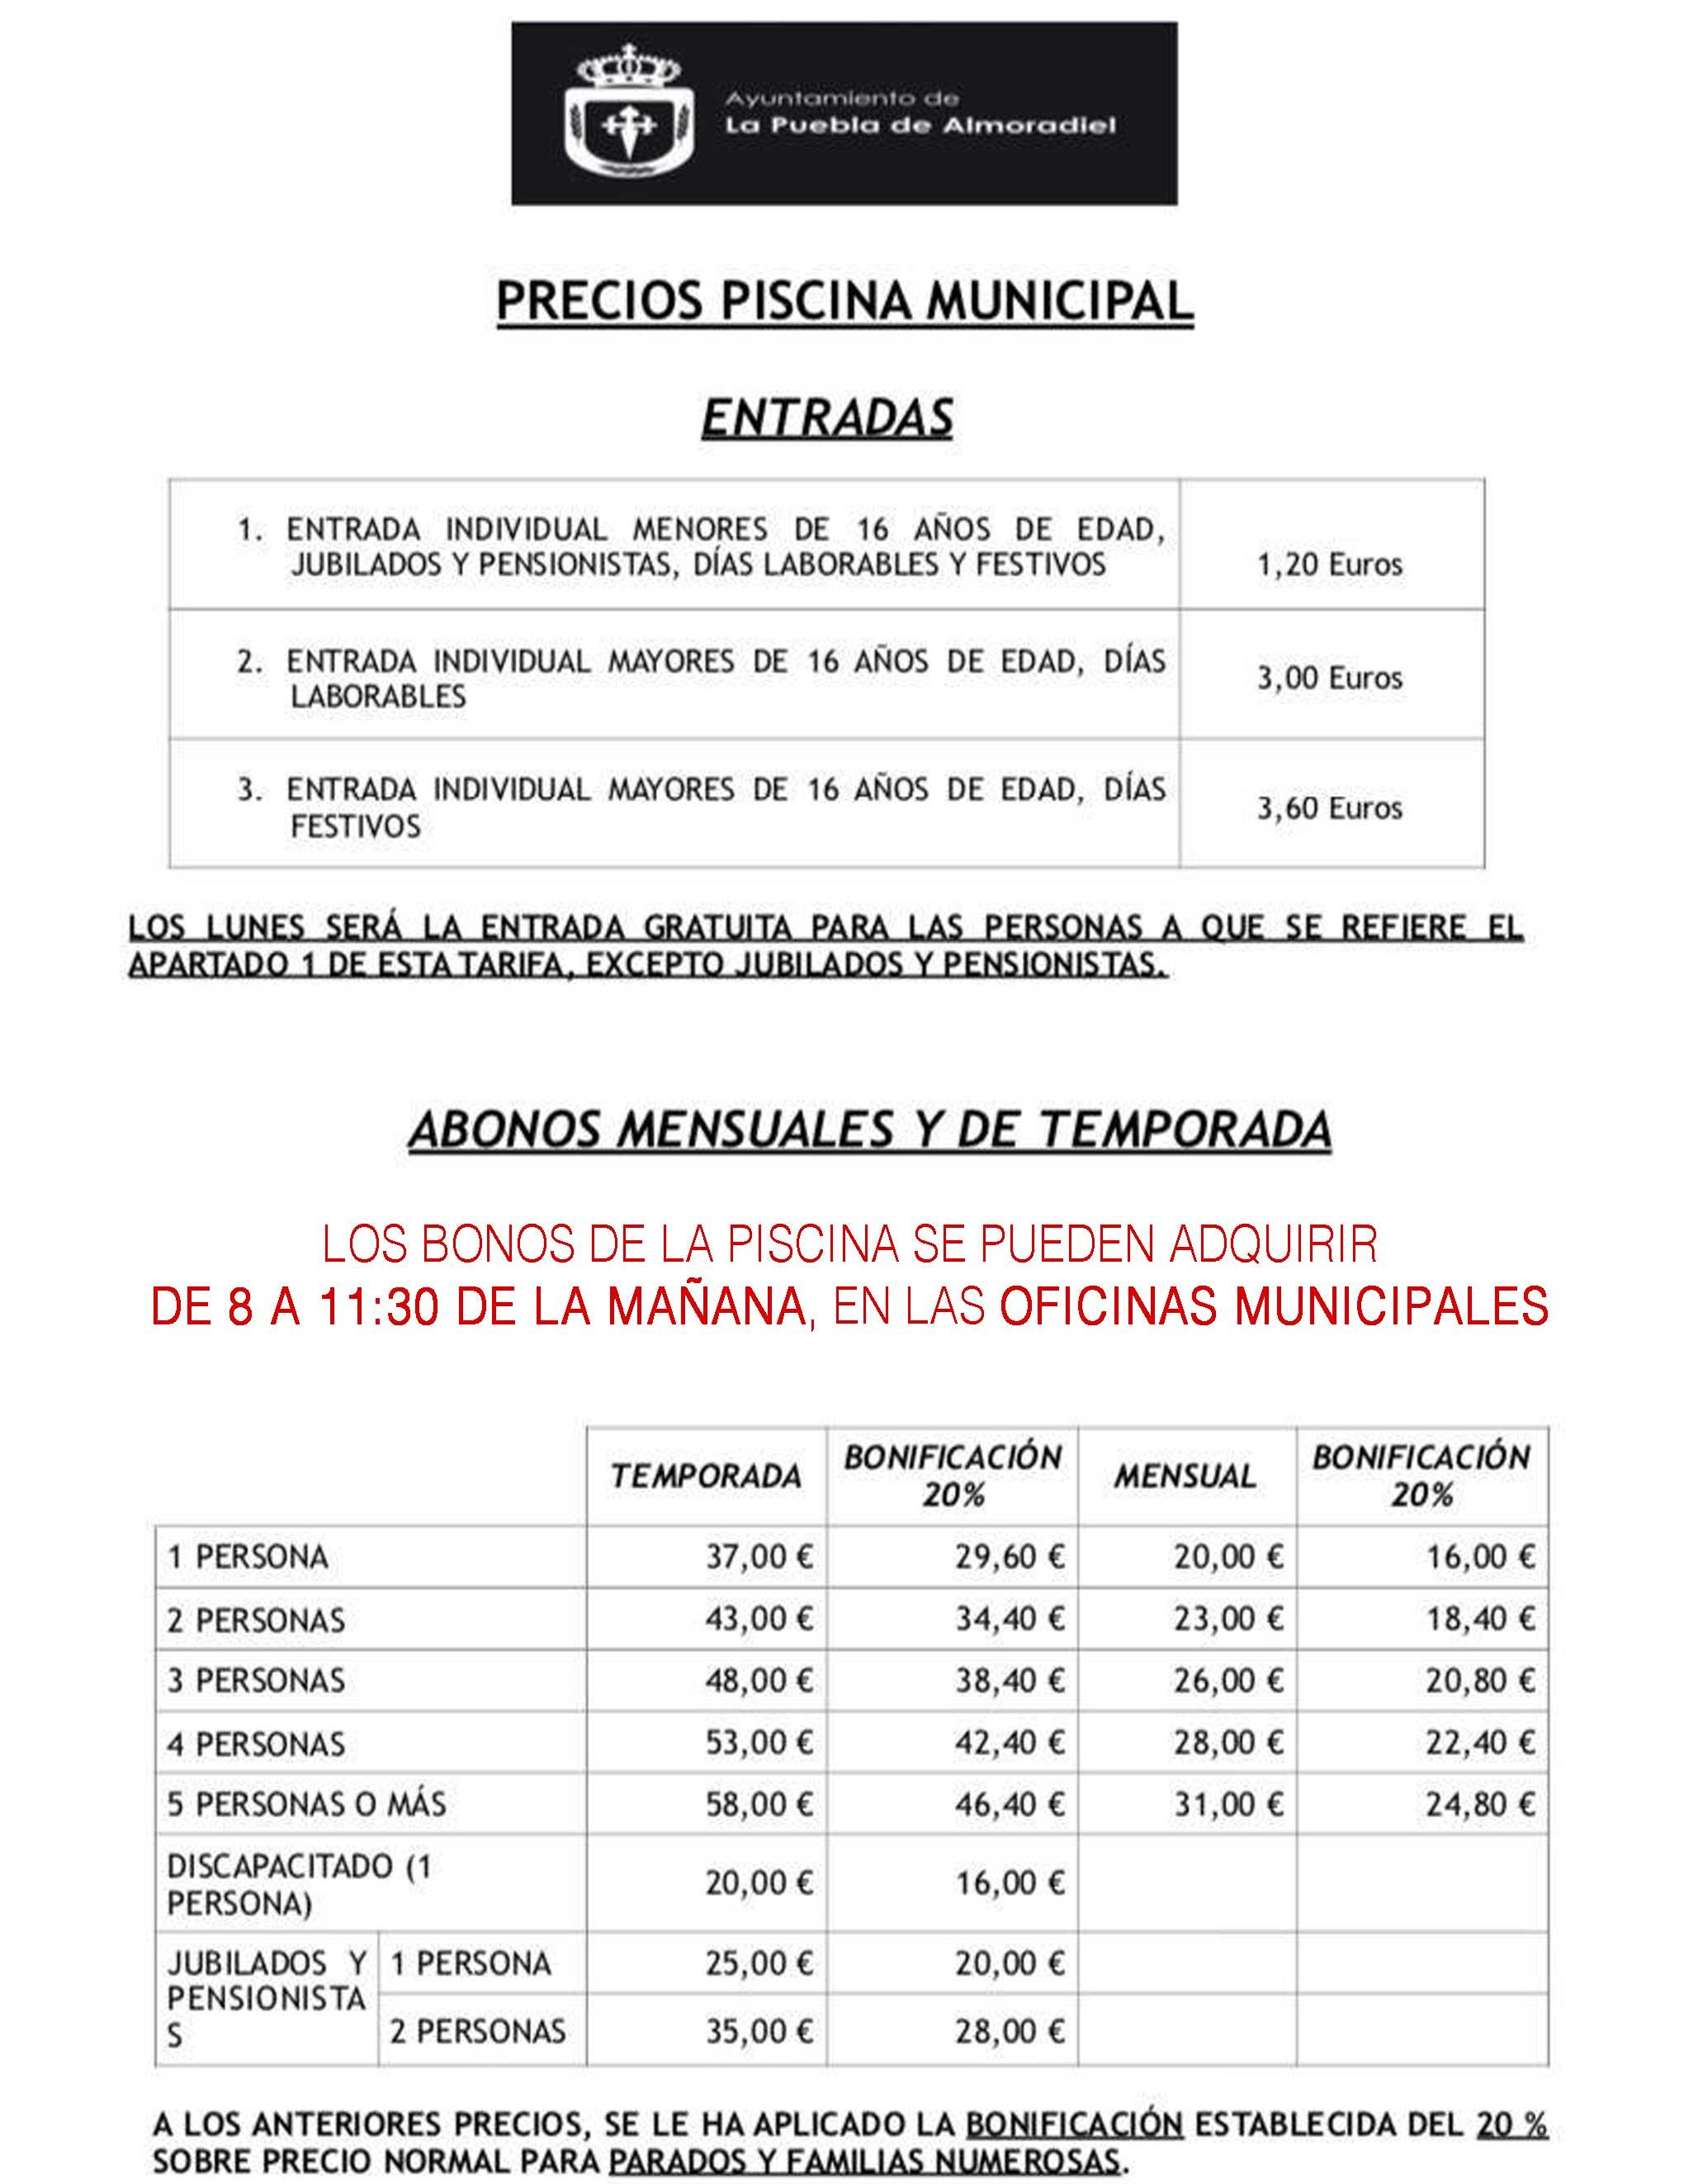 Informacion Sobre Precios De La Piscina Municipal Ayuntamiento De